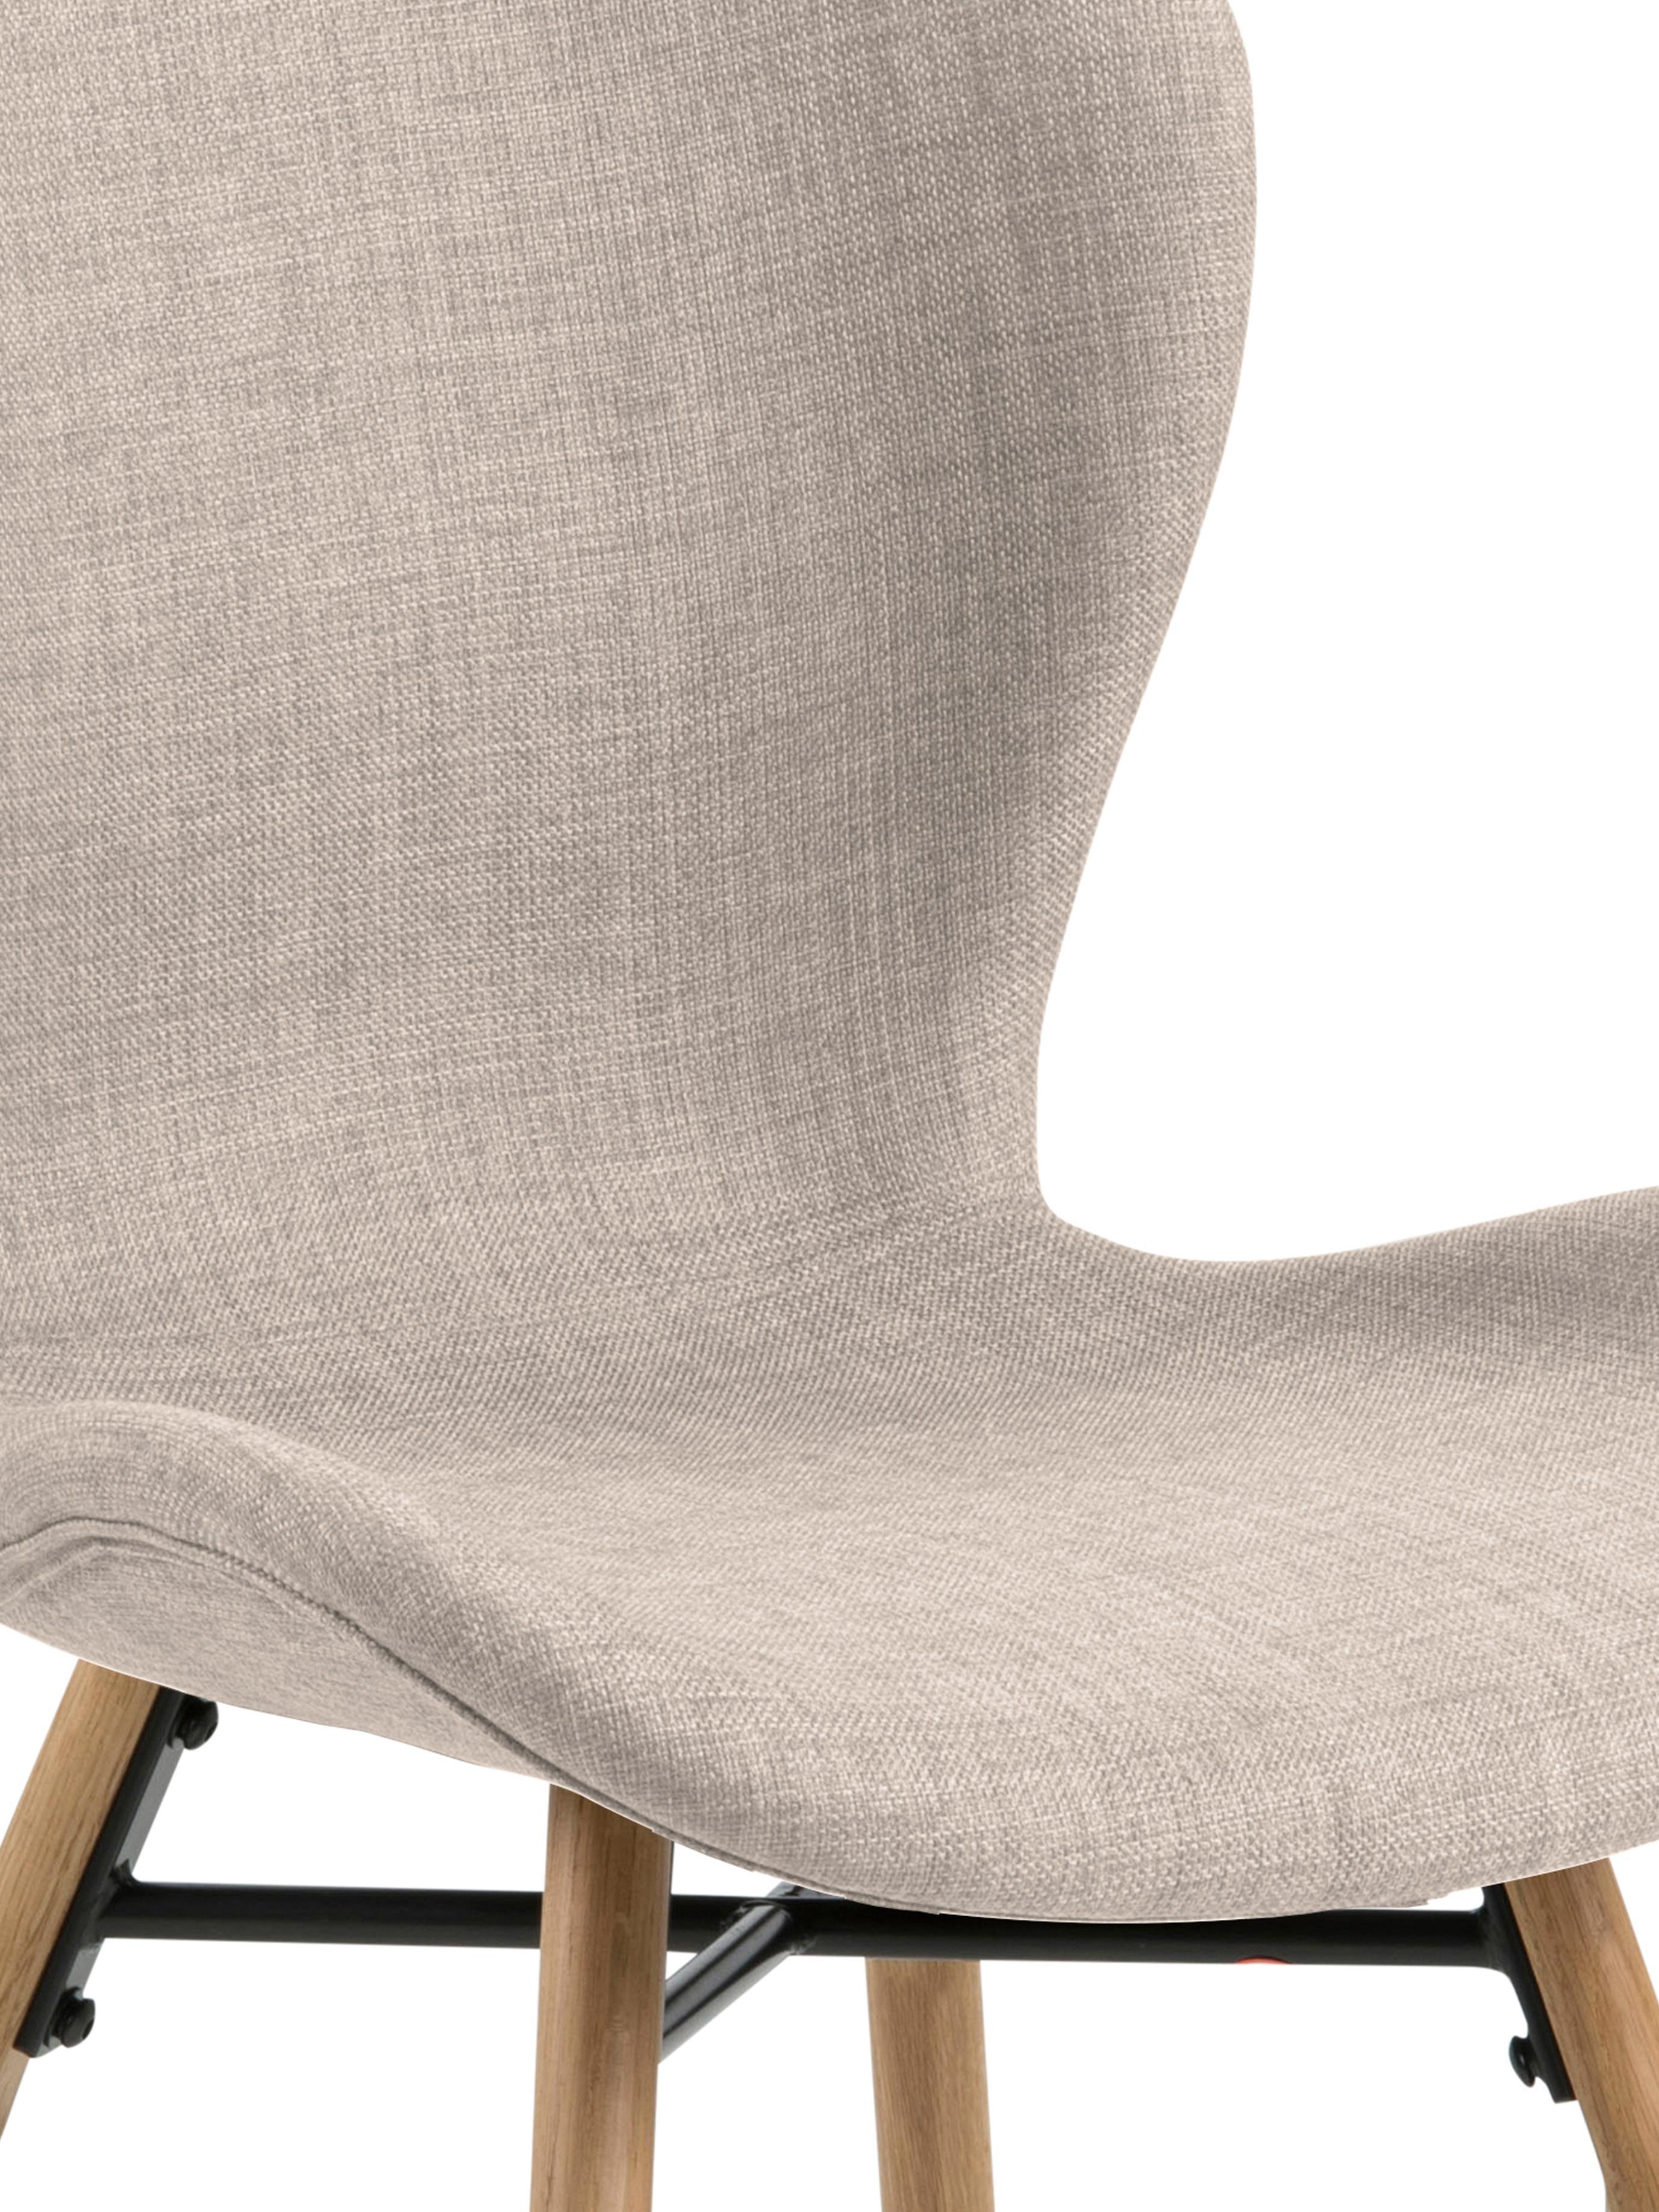 Chaises rembourrées style scandinave Batilda, 2pièces, Couleur sable